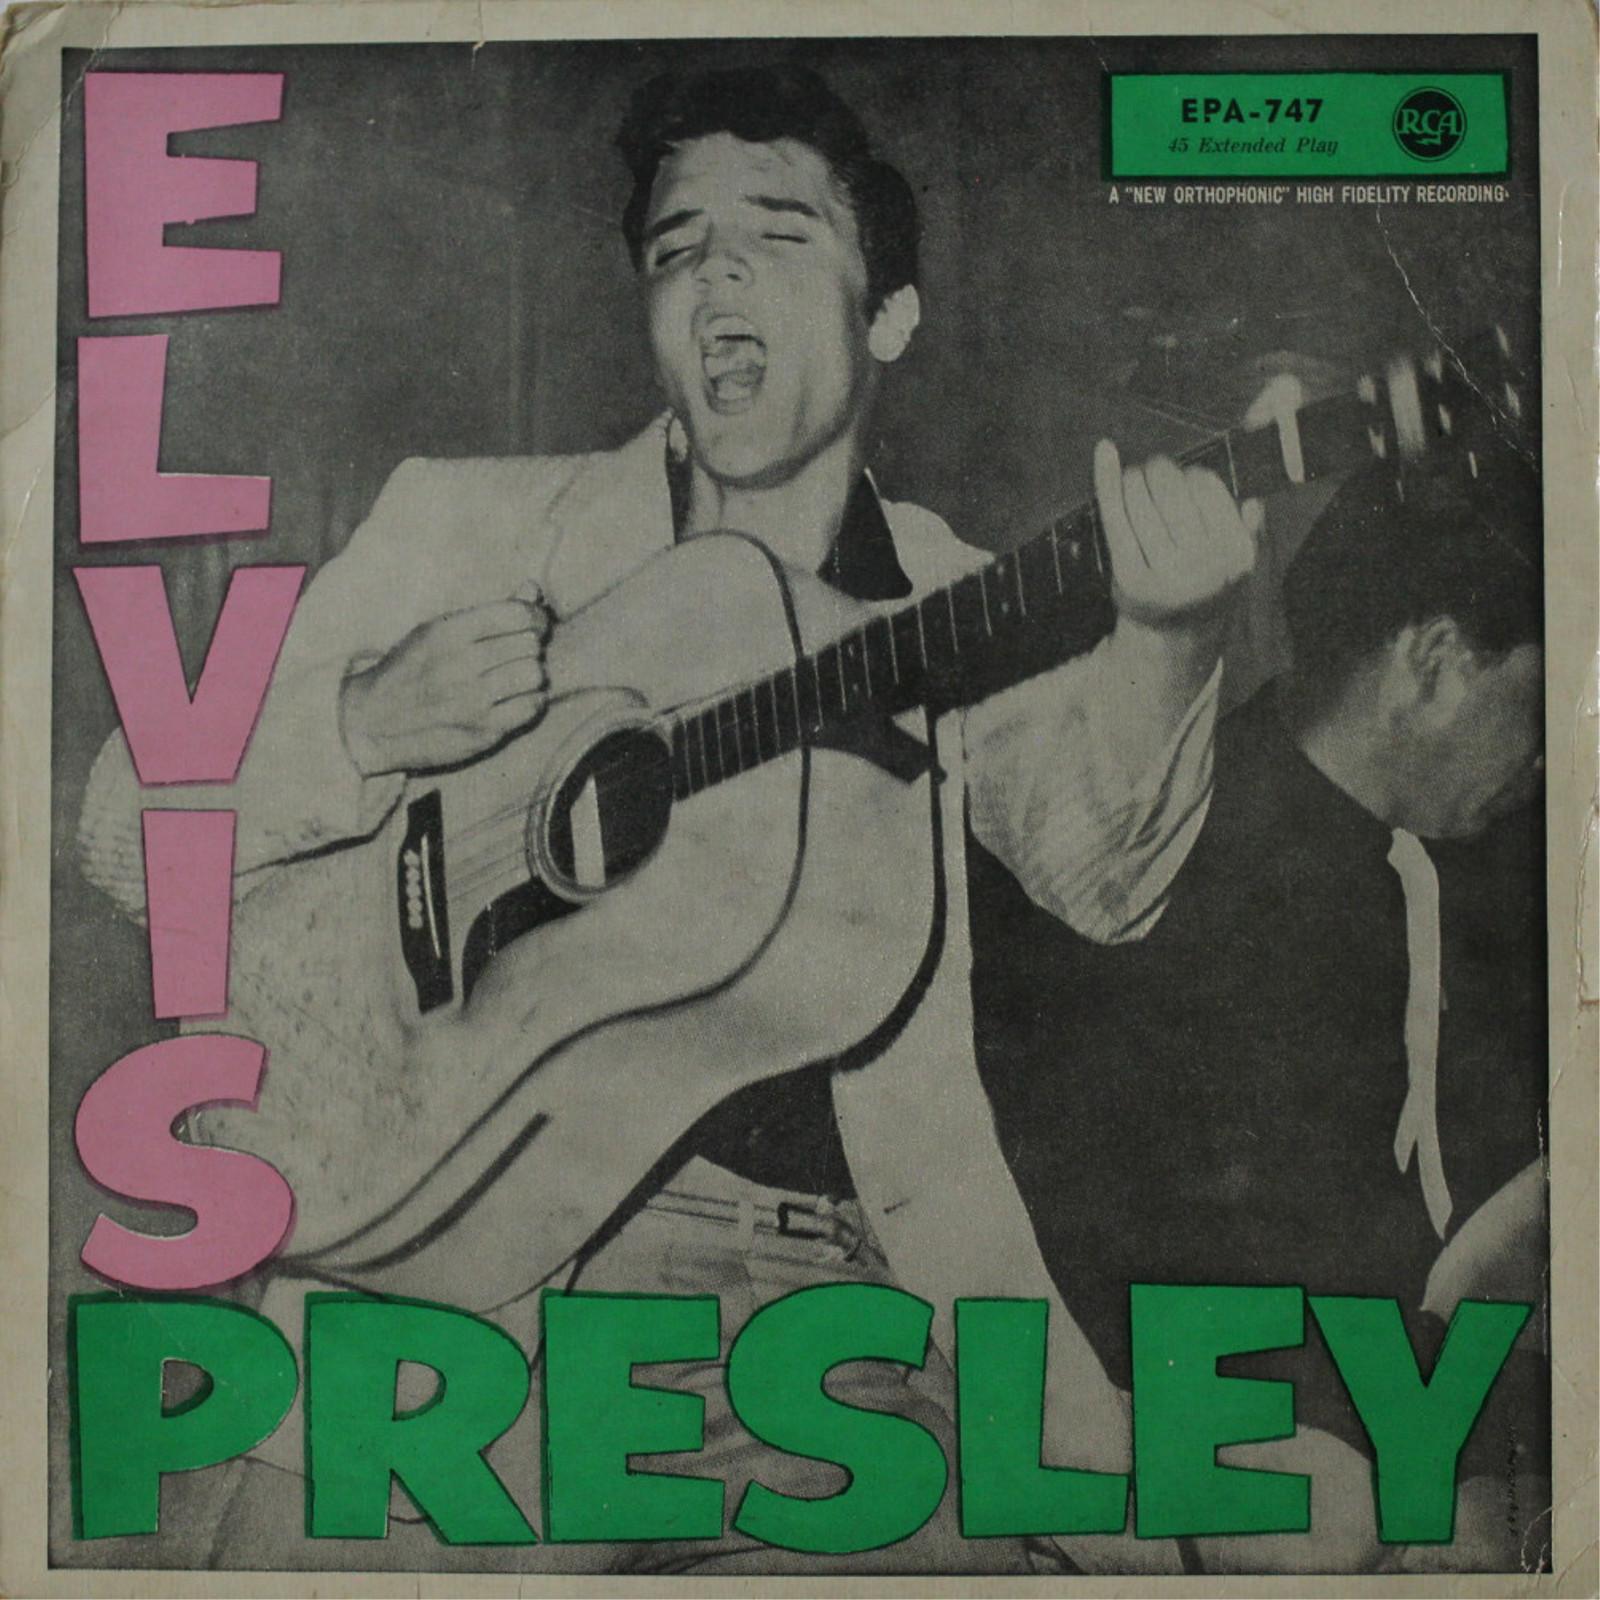 ELVIS PRESLEY Epa747ailk9k